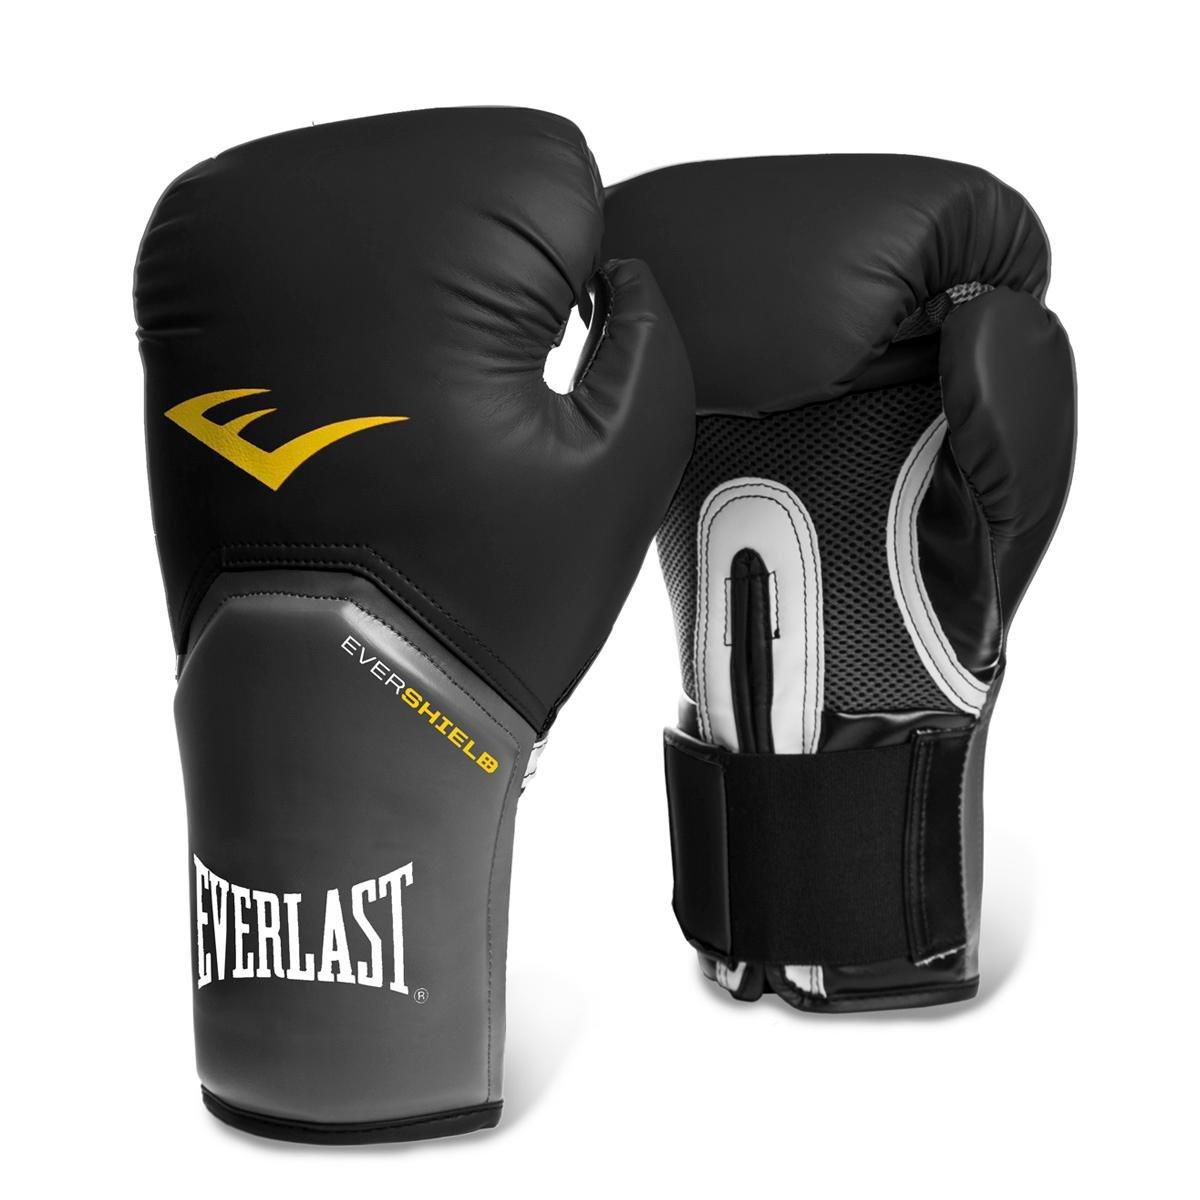 Luva de Boxe Muay Thai Everlast Pro Style - 12 oz 80800a64fa0d4